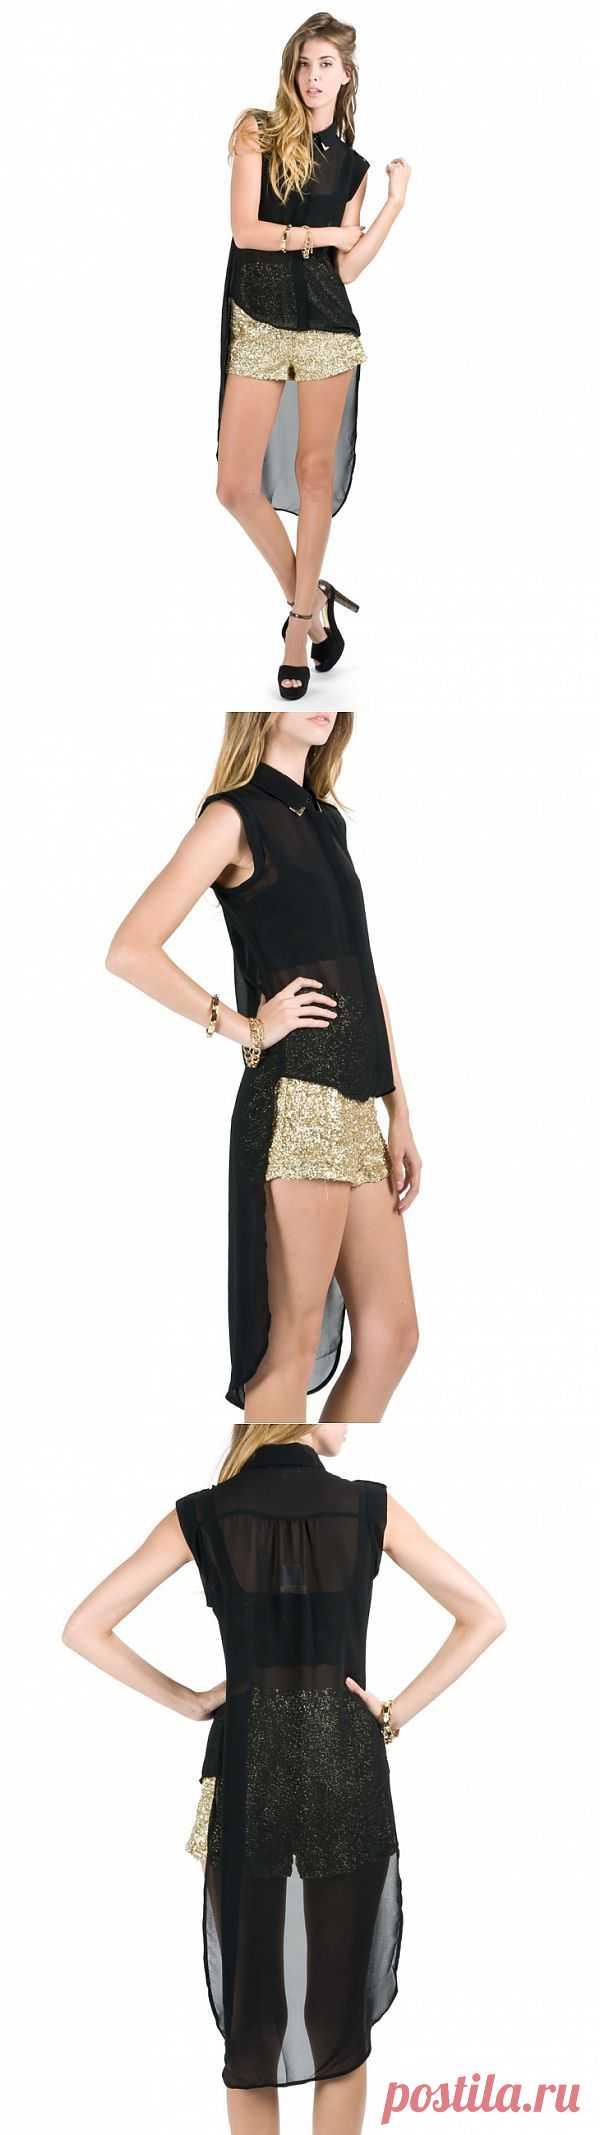 Супер рубашка / Вещь / Модный сайт о стильной переделке одежды и интерьера